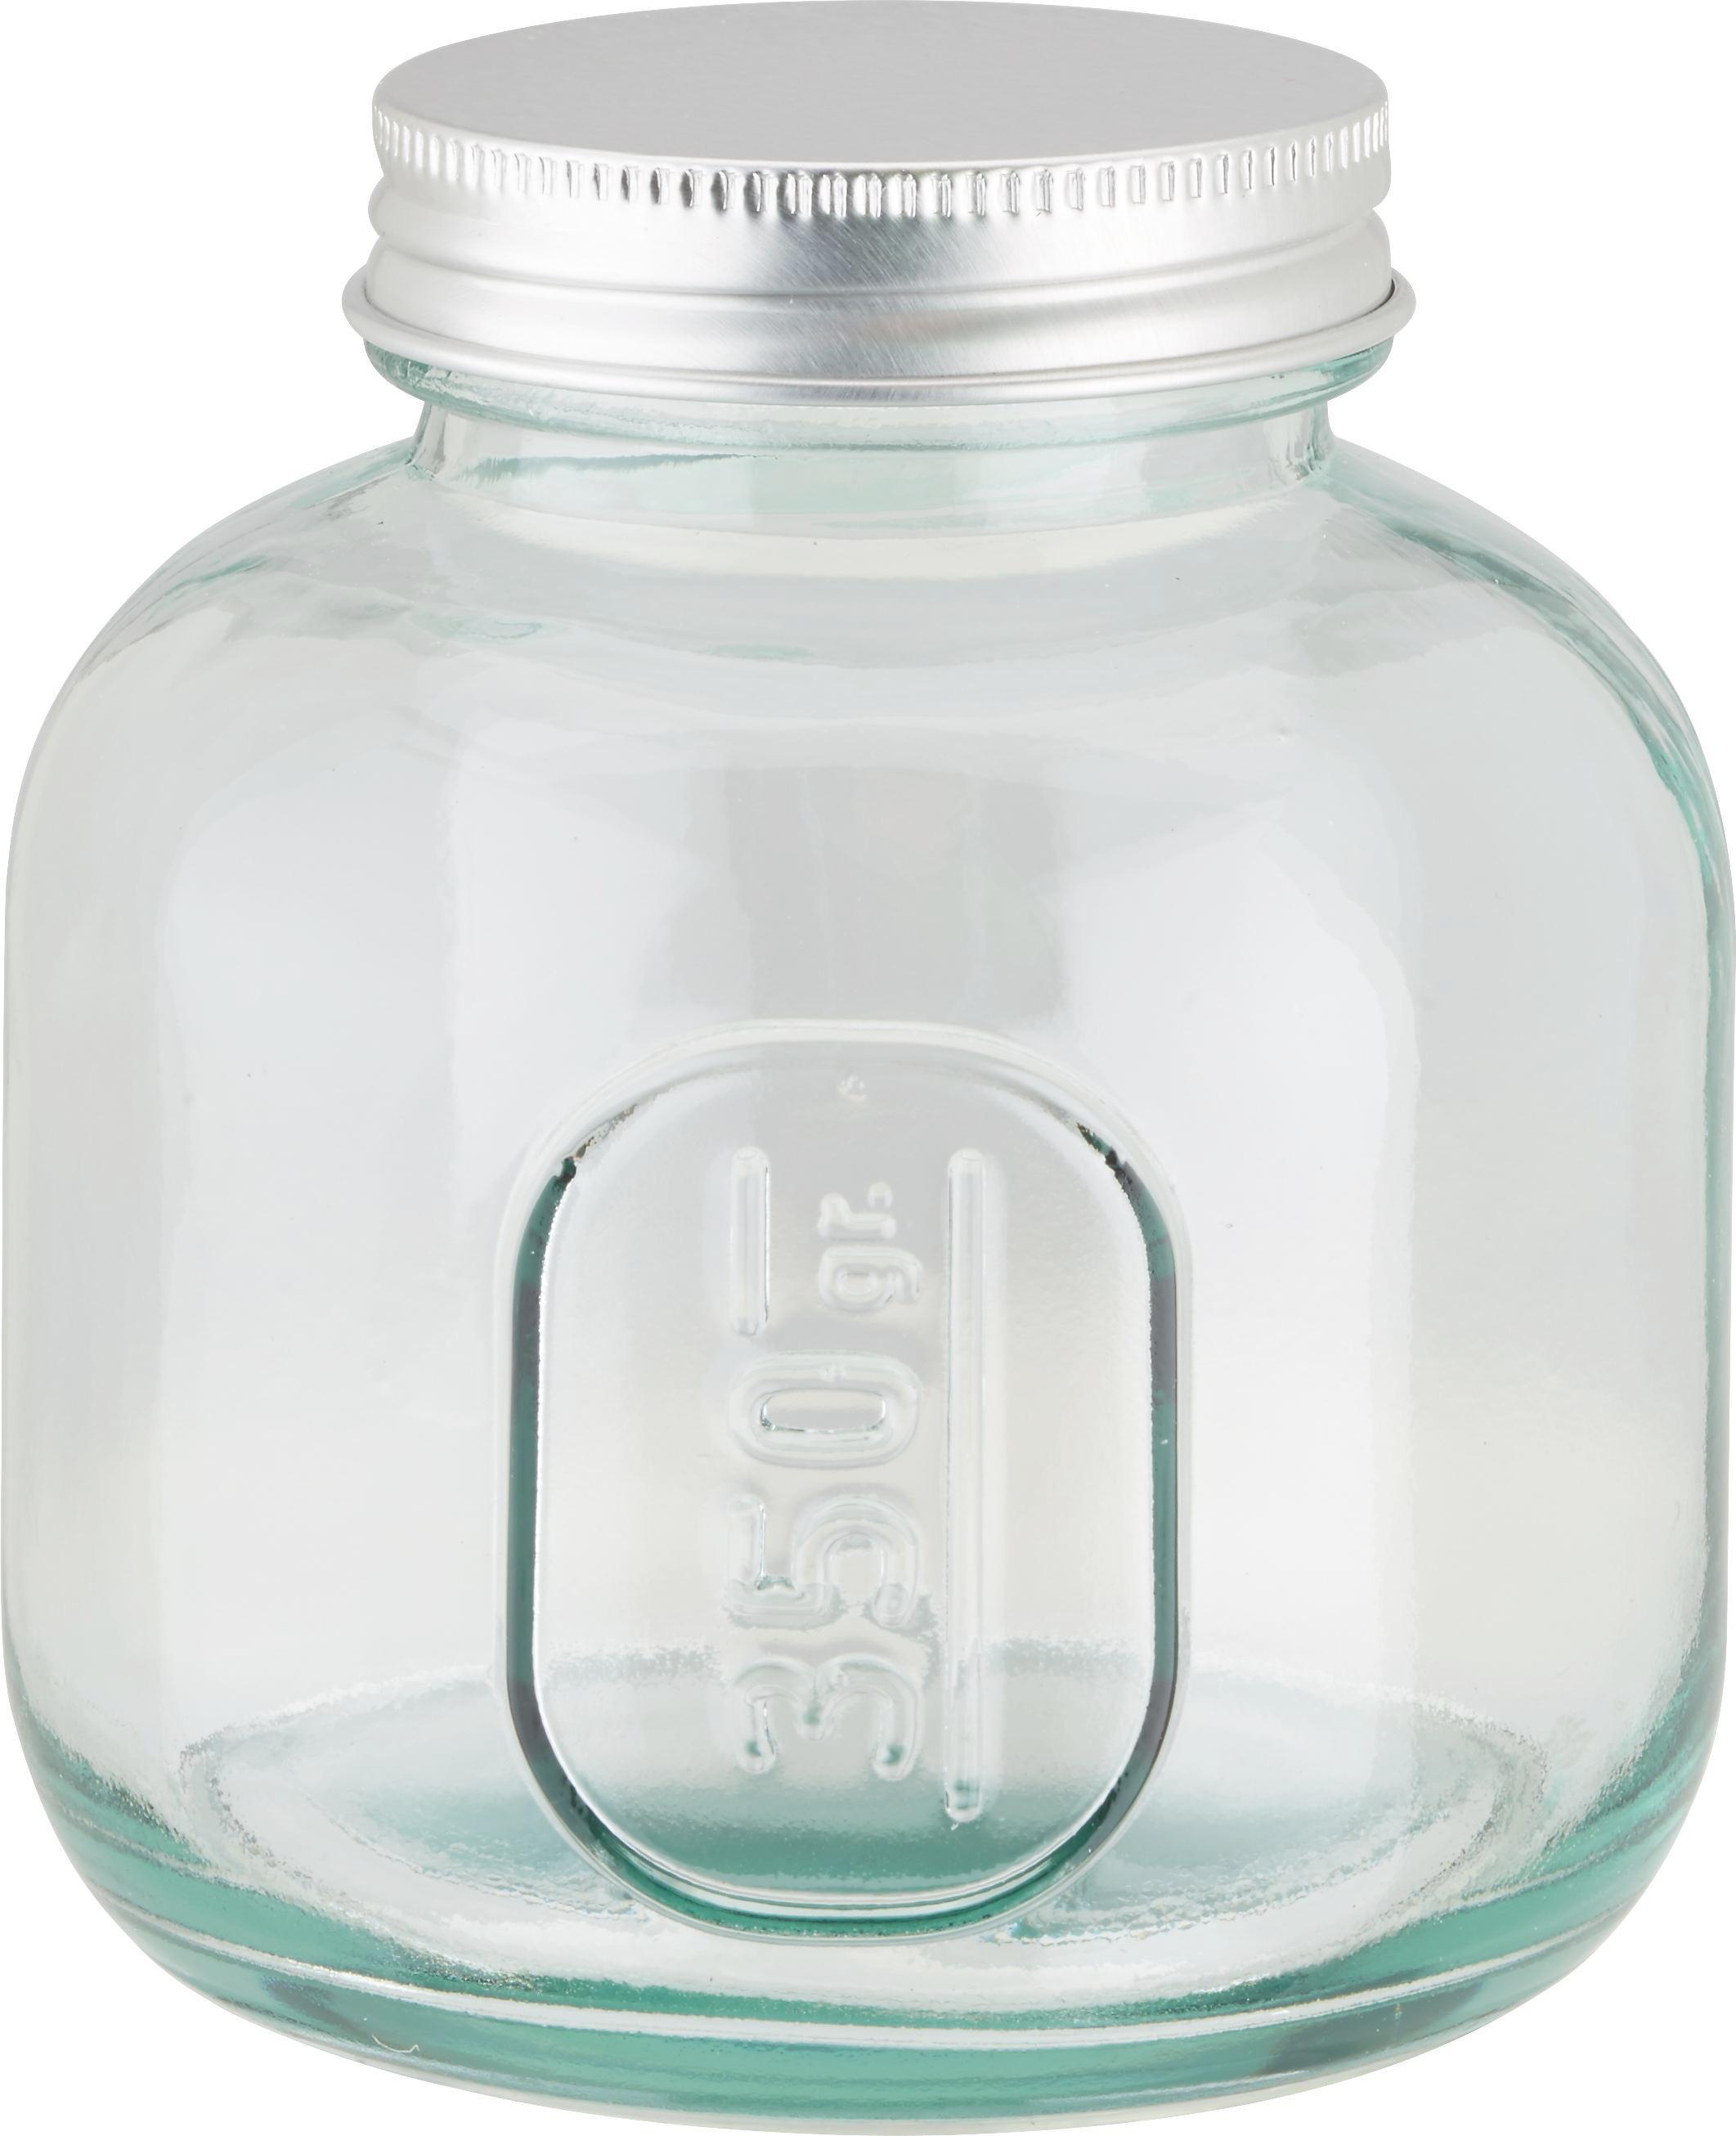 Vorratsglas Emilie aus Glas mit Verschluss - Klar/Silberfarben, ROMANTIK / LANDHAUS, Glas/Metall (9/10cm) - MÖMAX modern living